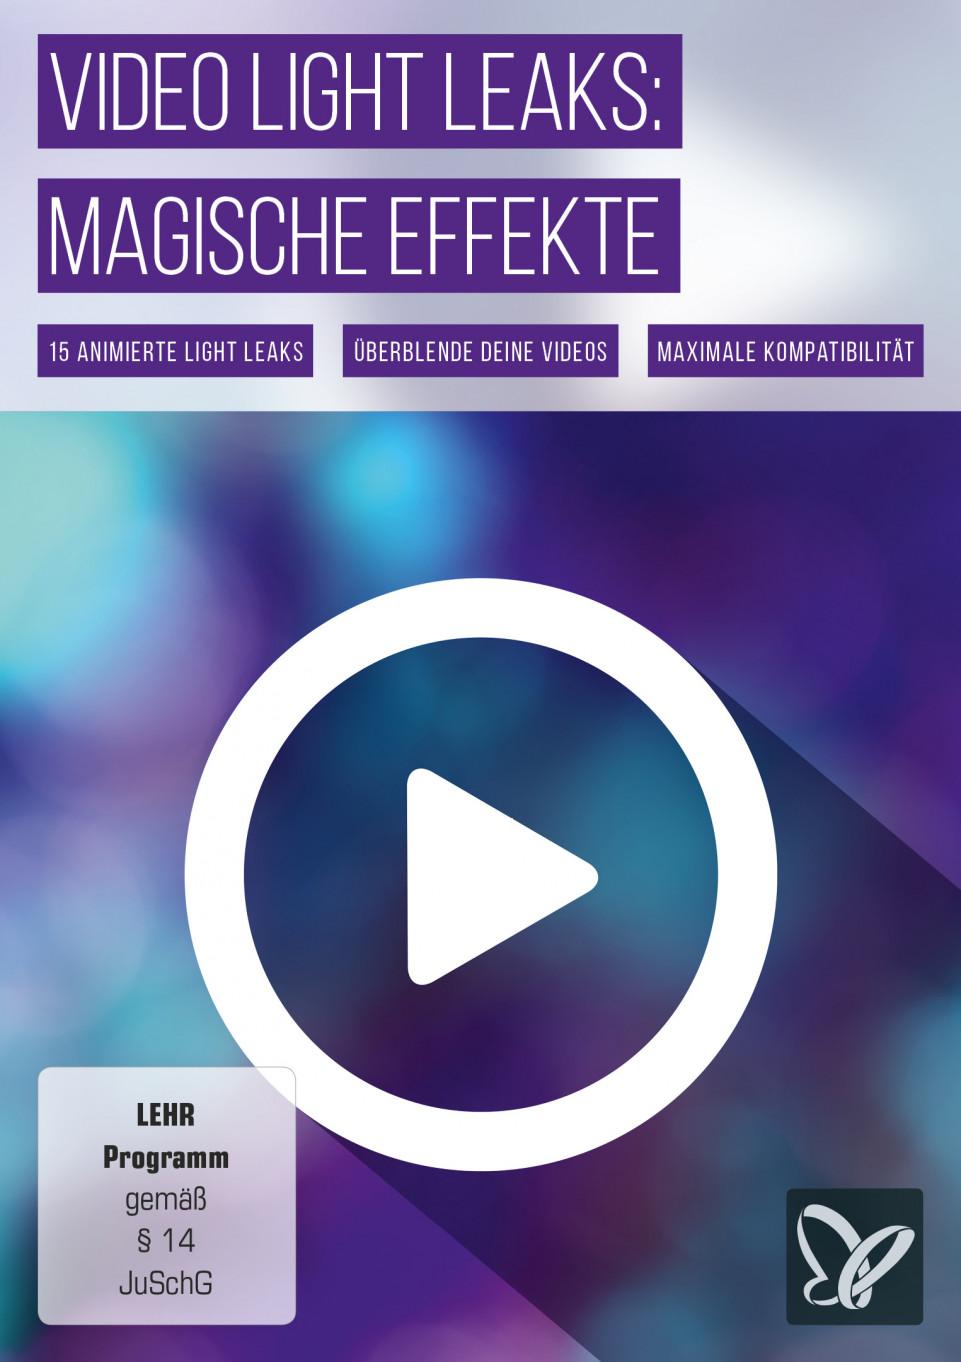 Light Leaks für spektakuläre Video-Effekte: magische Momente